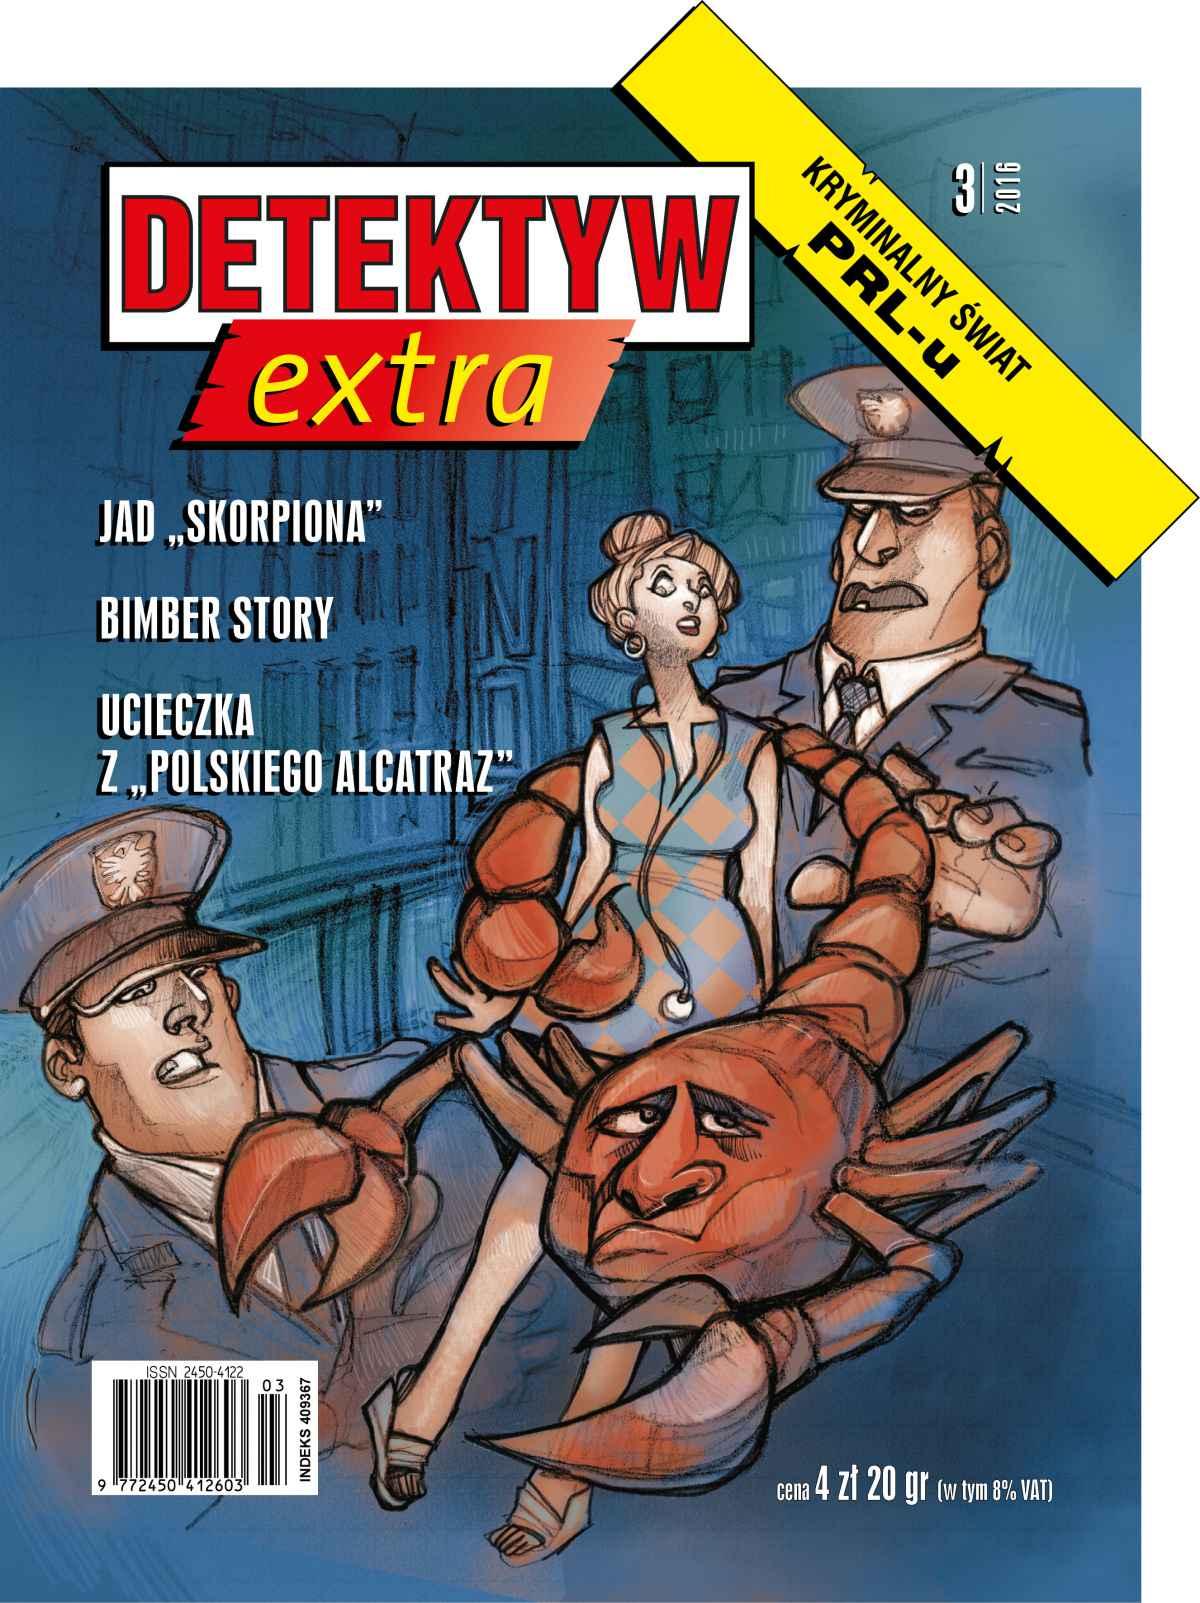 Detektyw Extra 3/2016 - Ebook (Książka EPUB) do pobrania w formacie EPUB